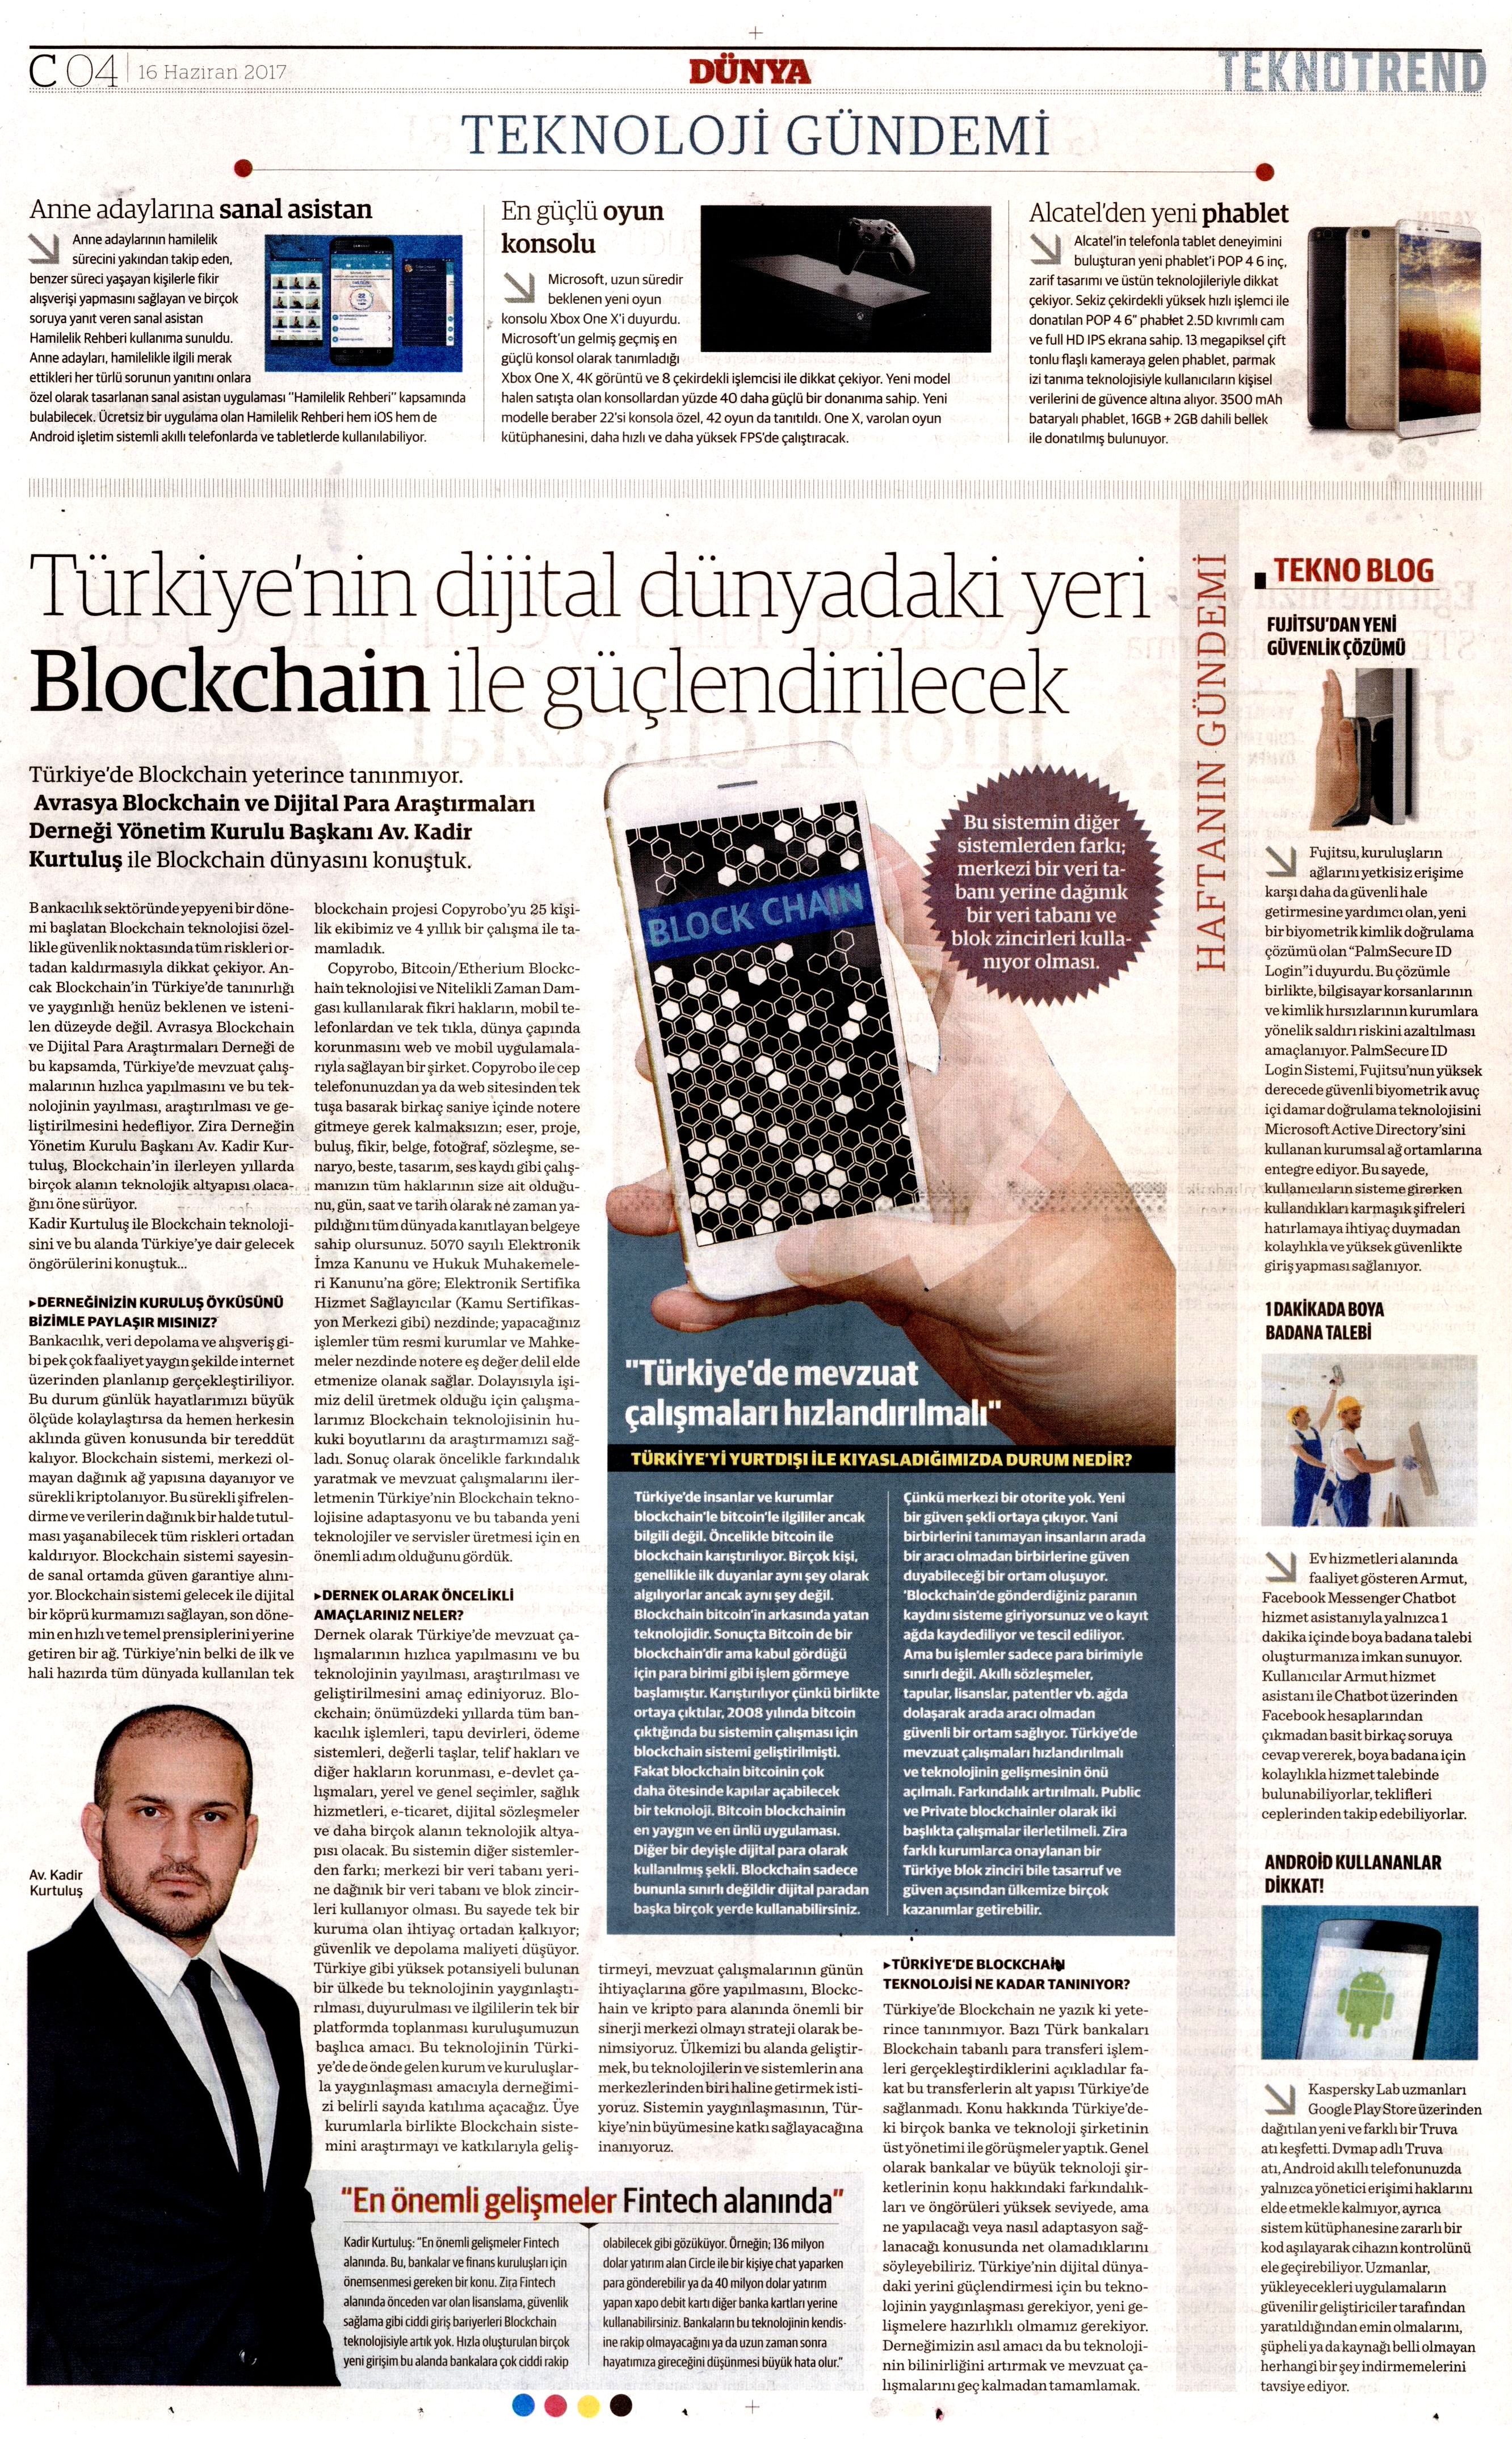 Türkiye dijital dünyadaki yerini Blockchain ile güçlendirecek